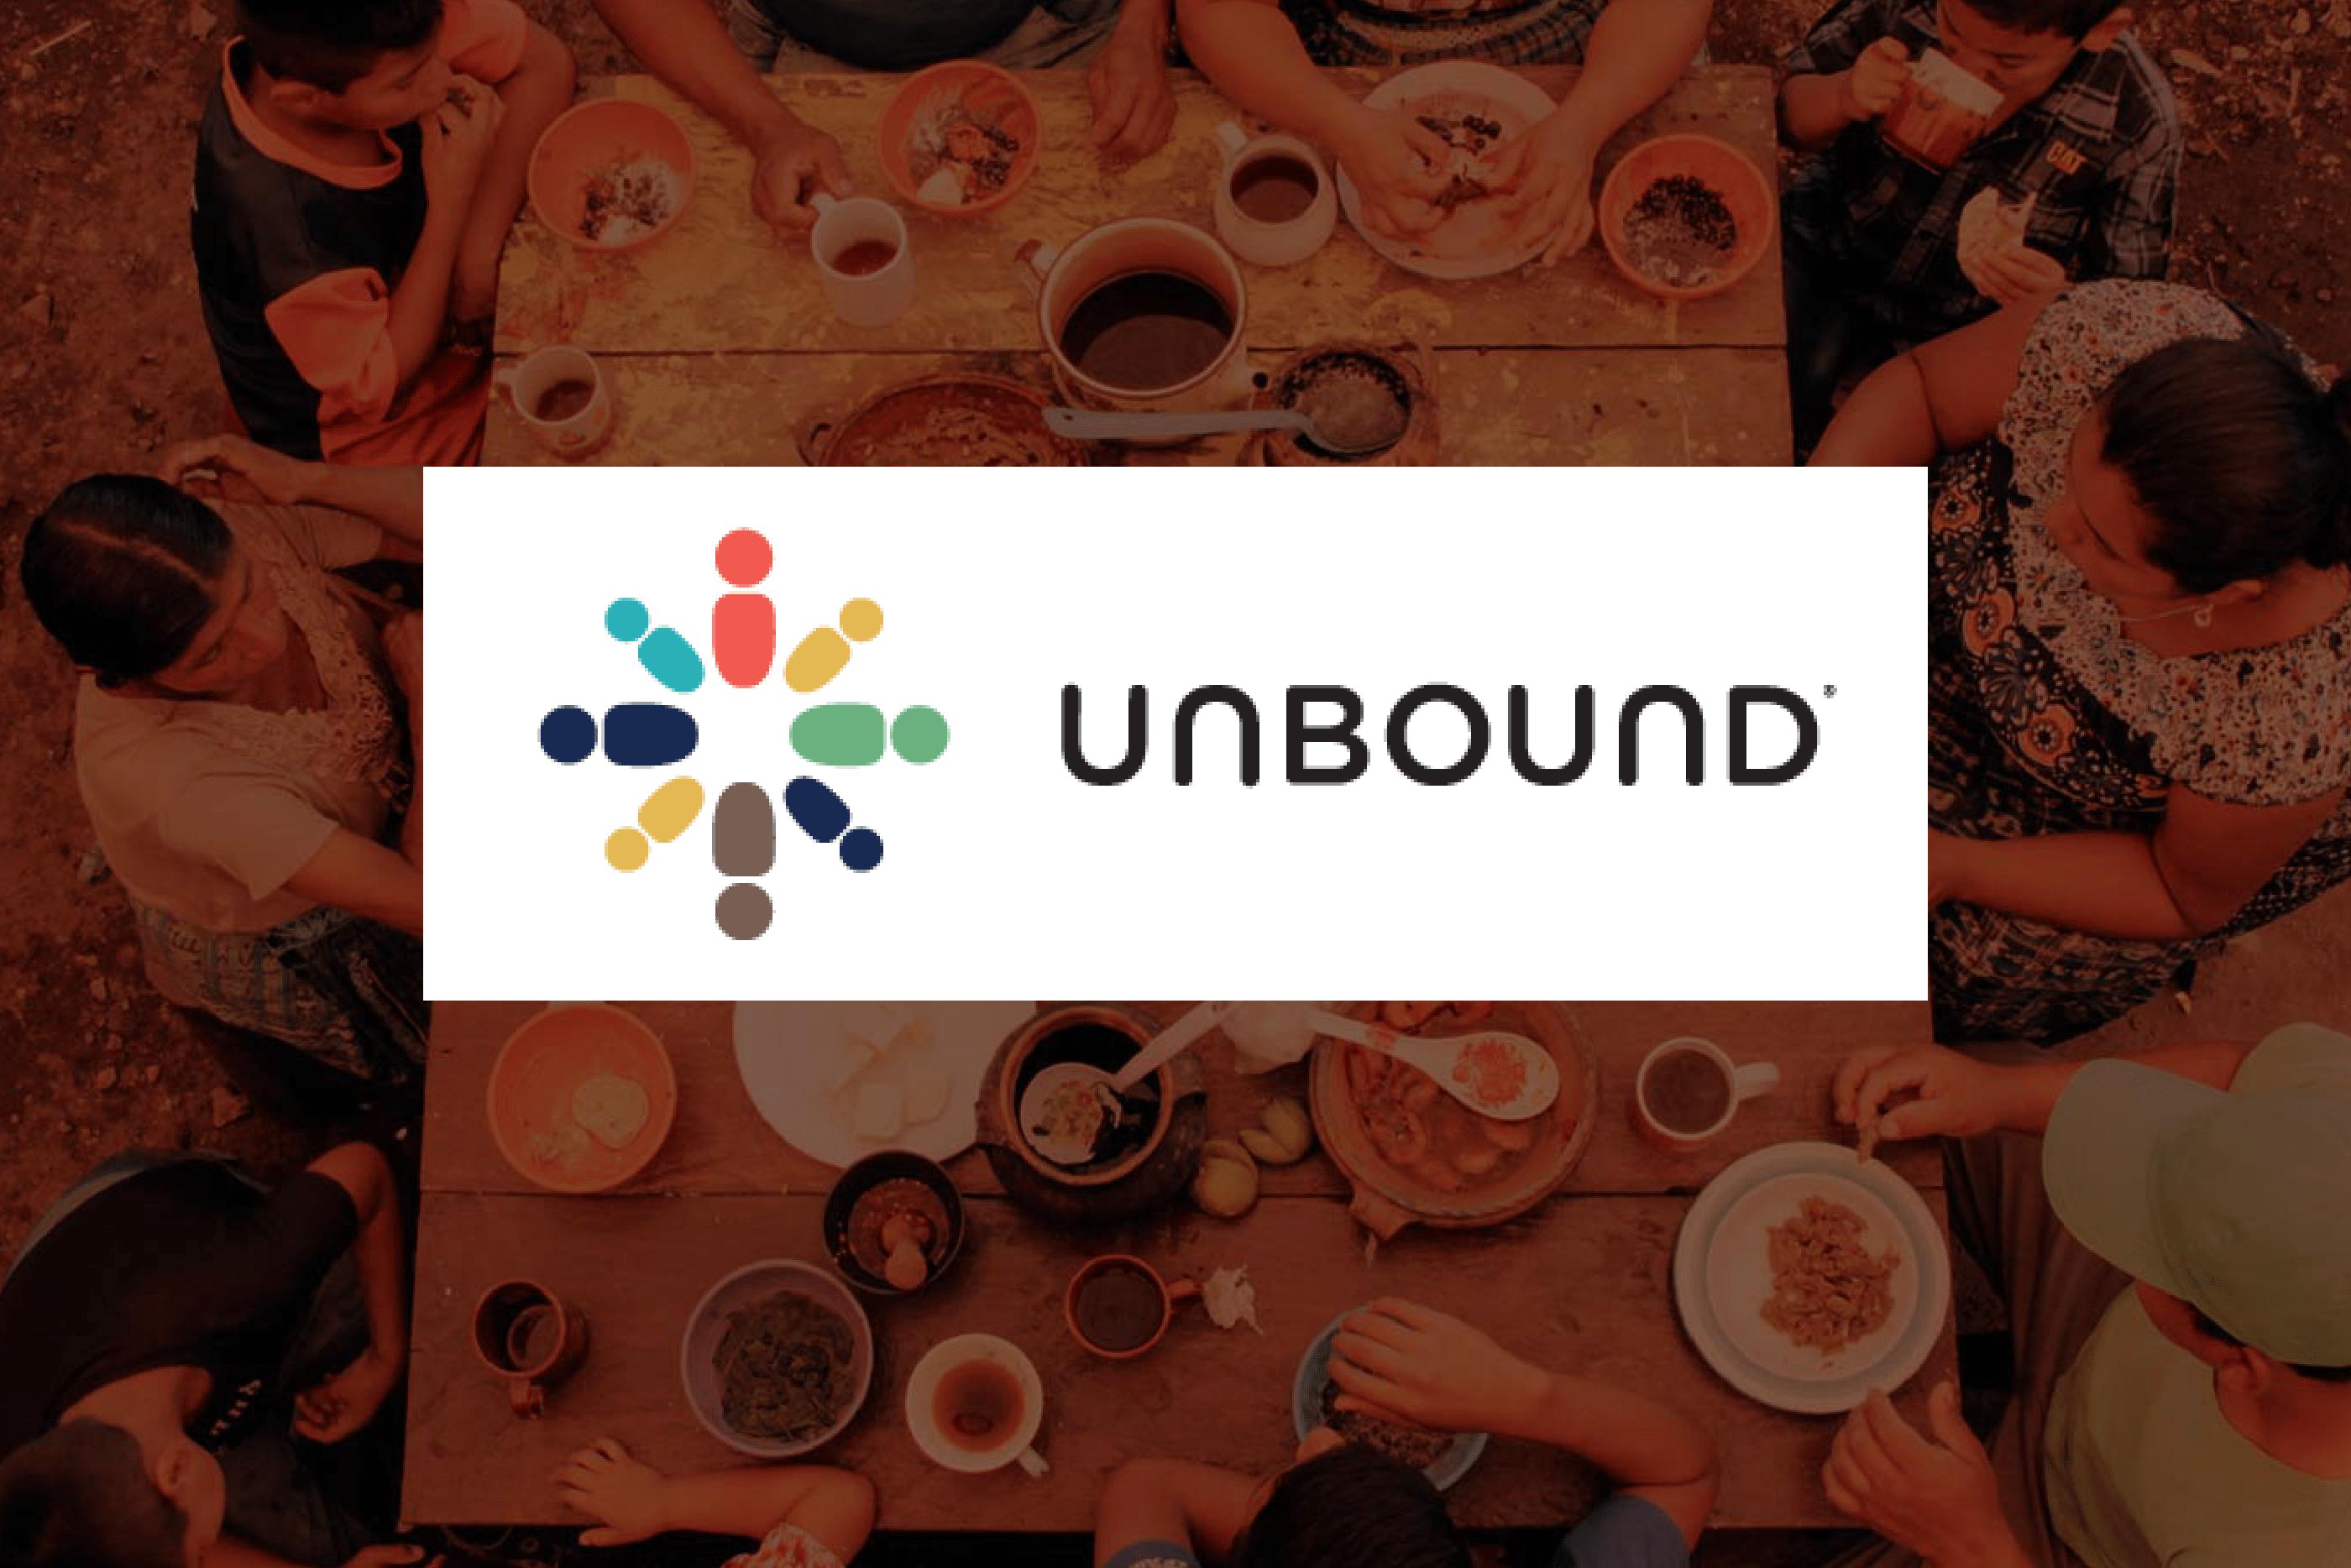 servicerocket unbound